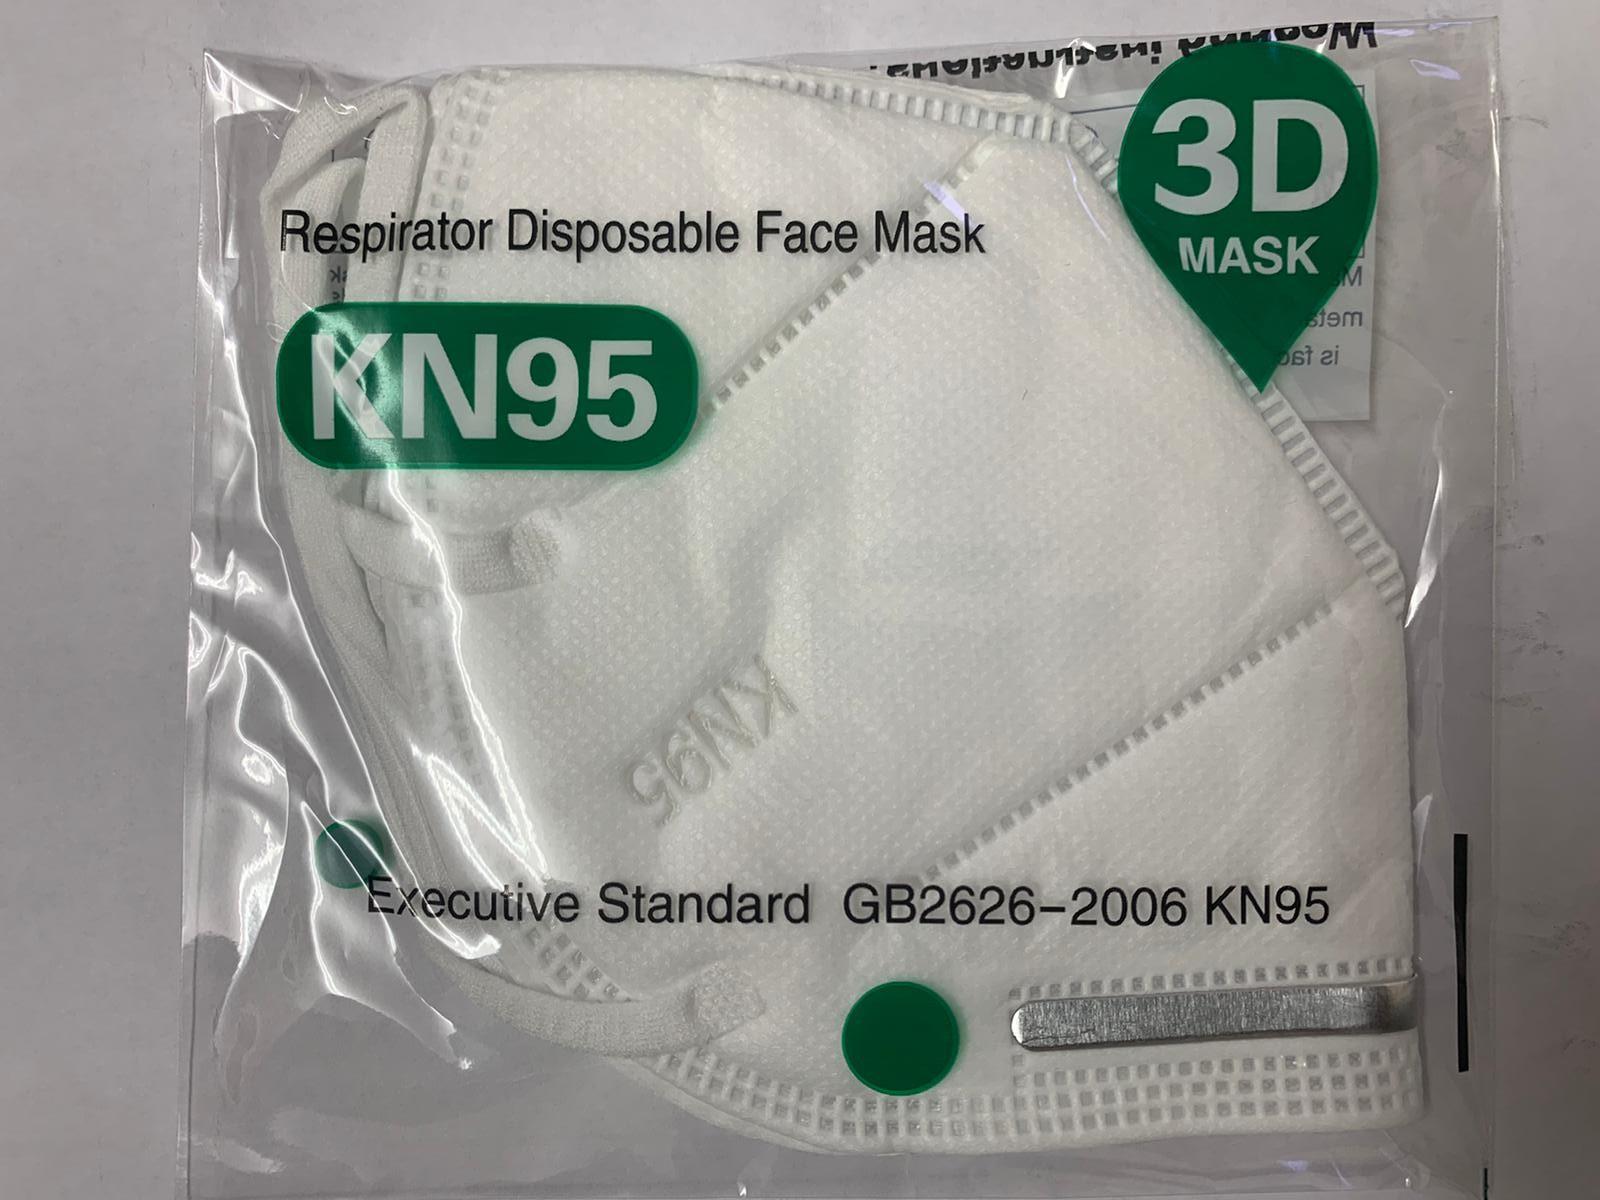 KN95 – Respirator Disposable Face Mask